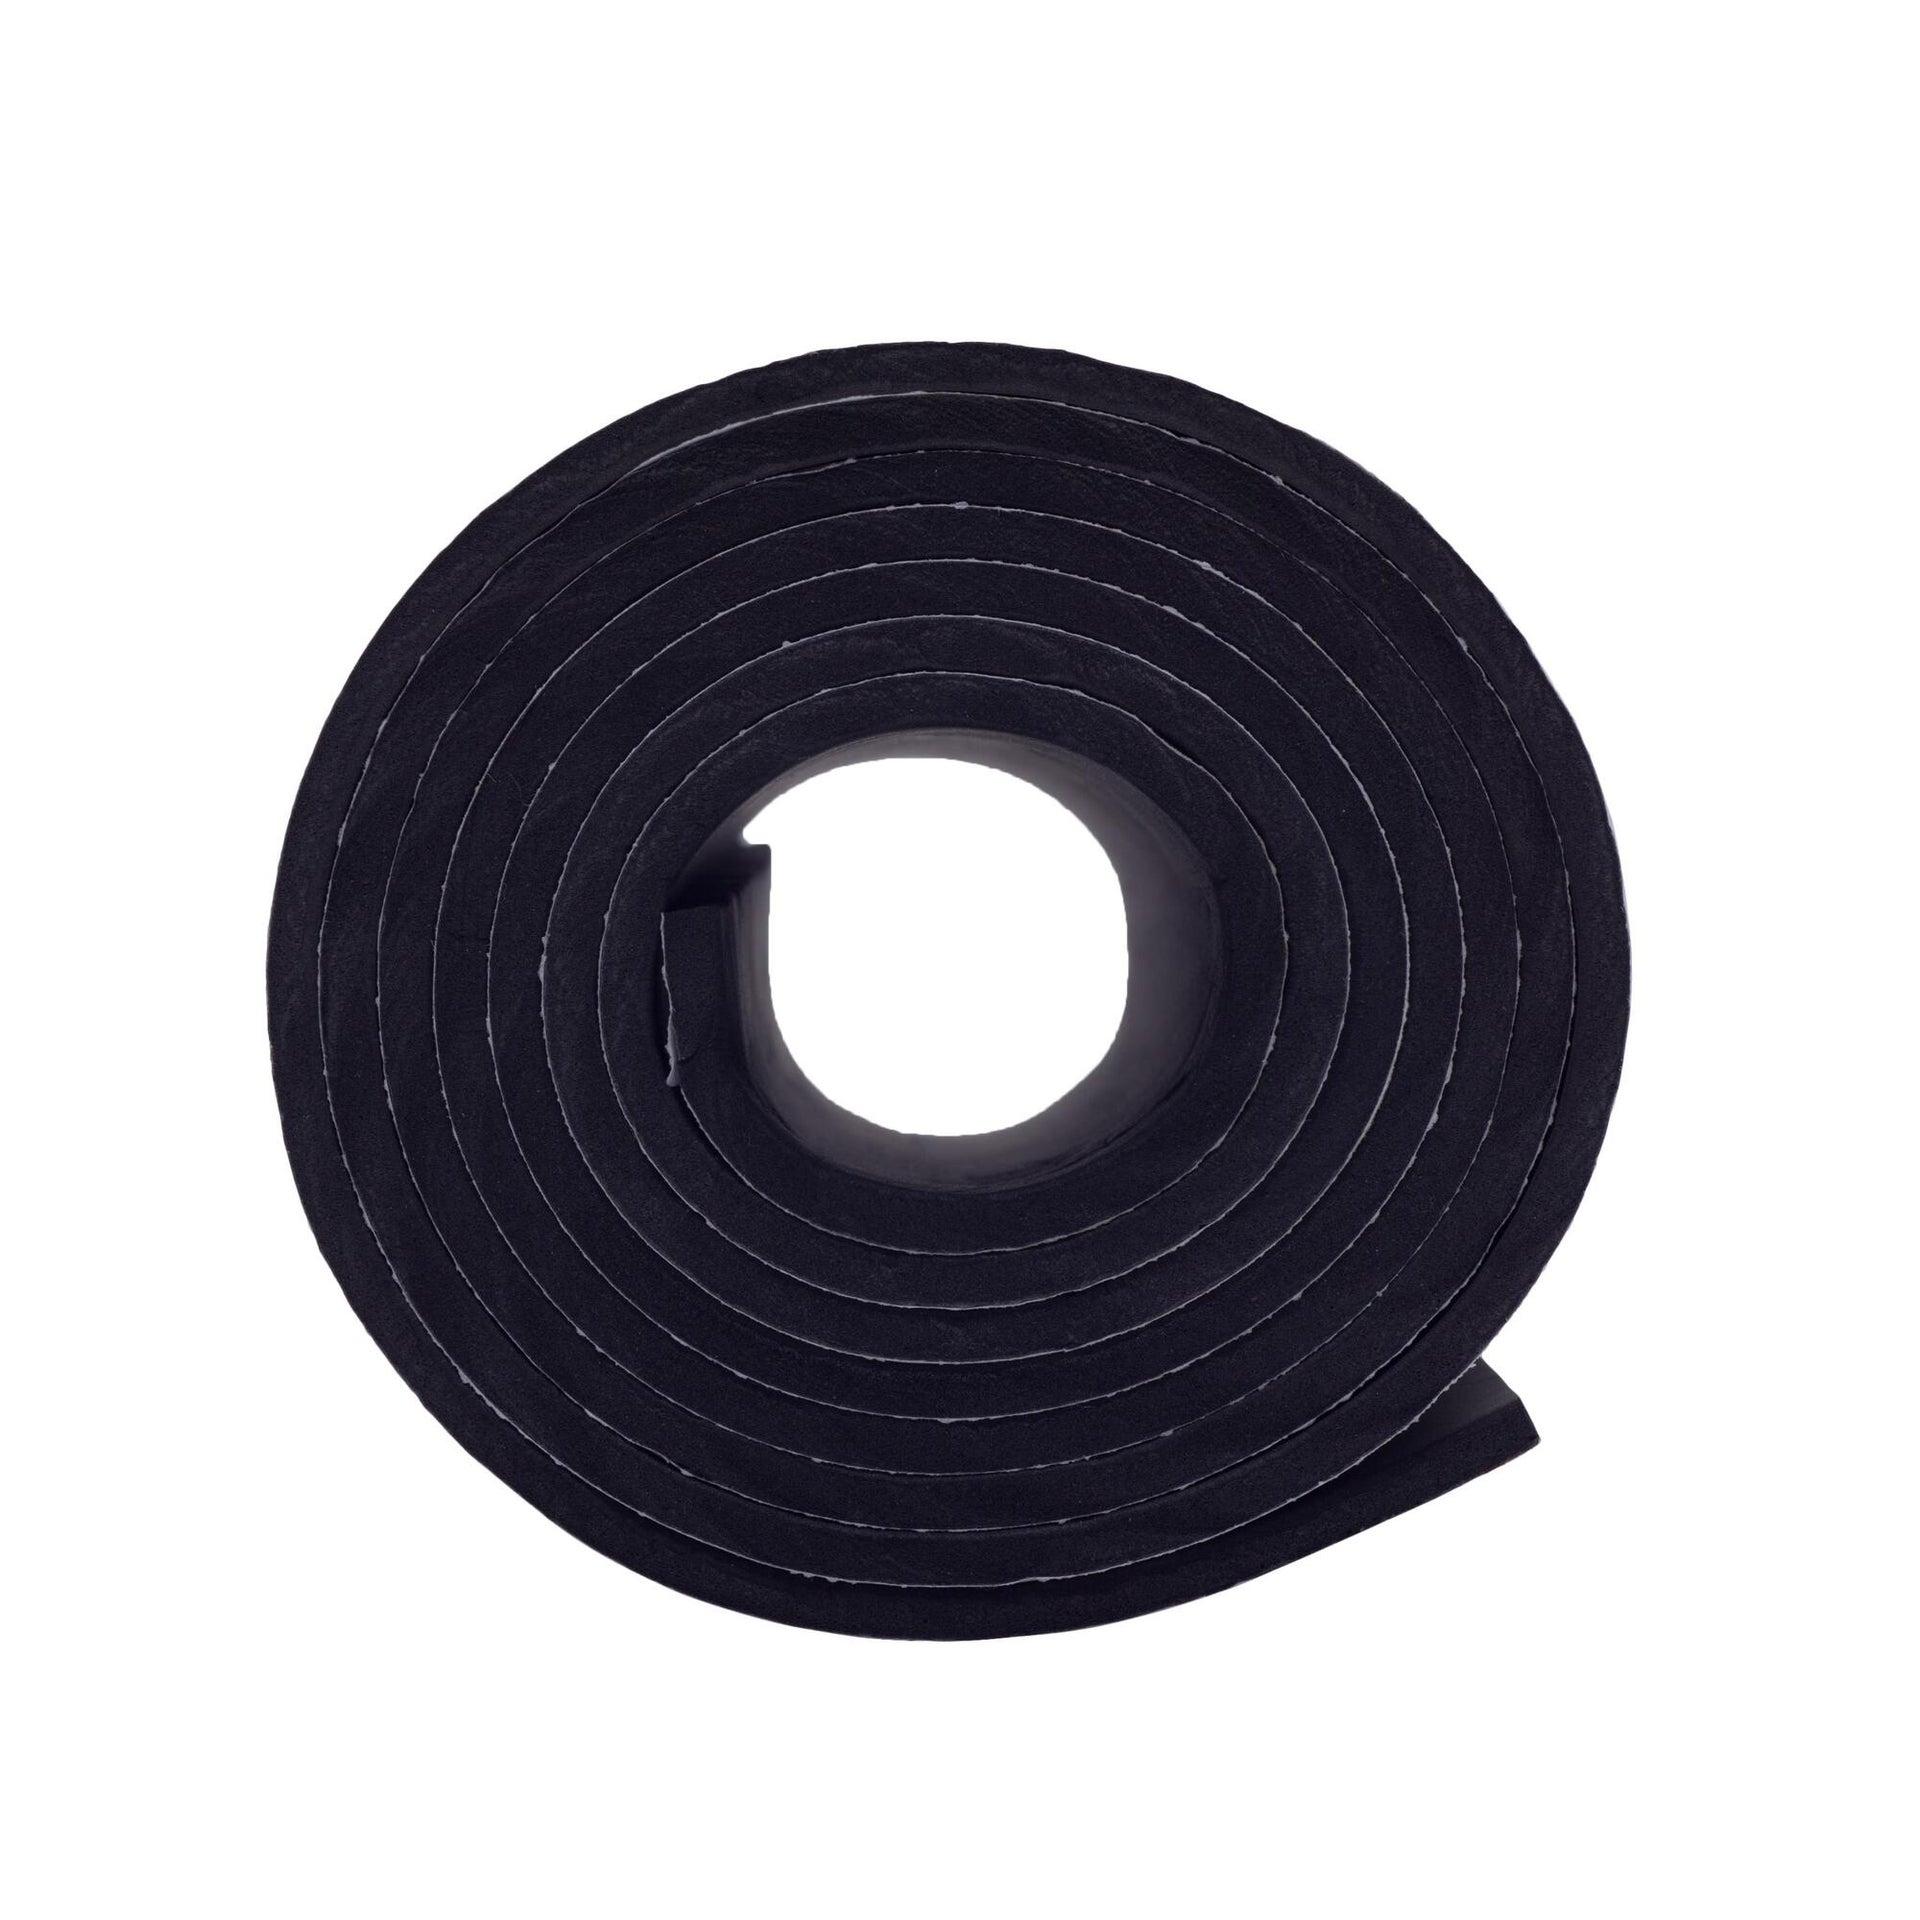 Protezione per garage in polietilene L 200 x H 200 cm nero - 4